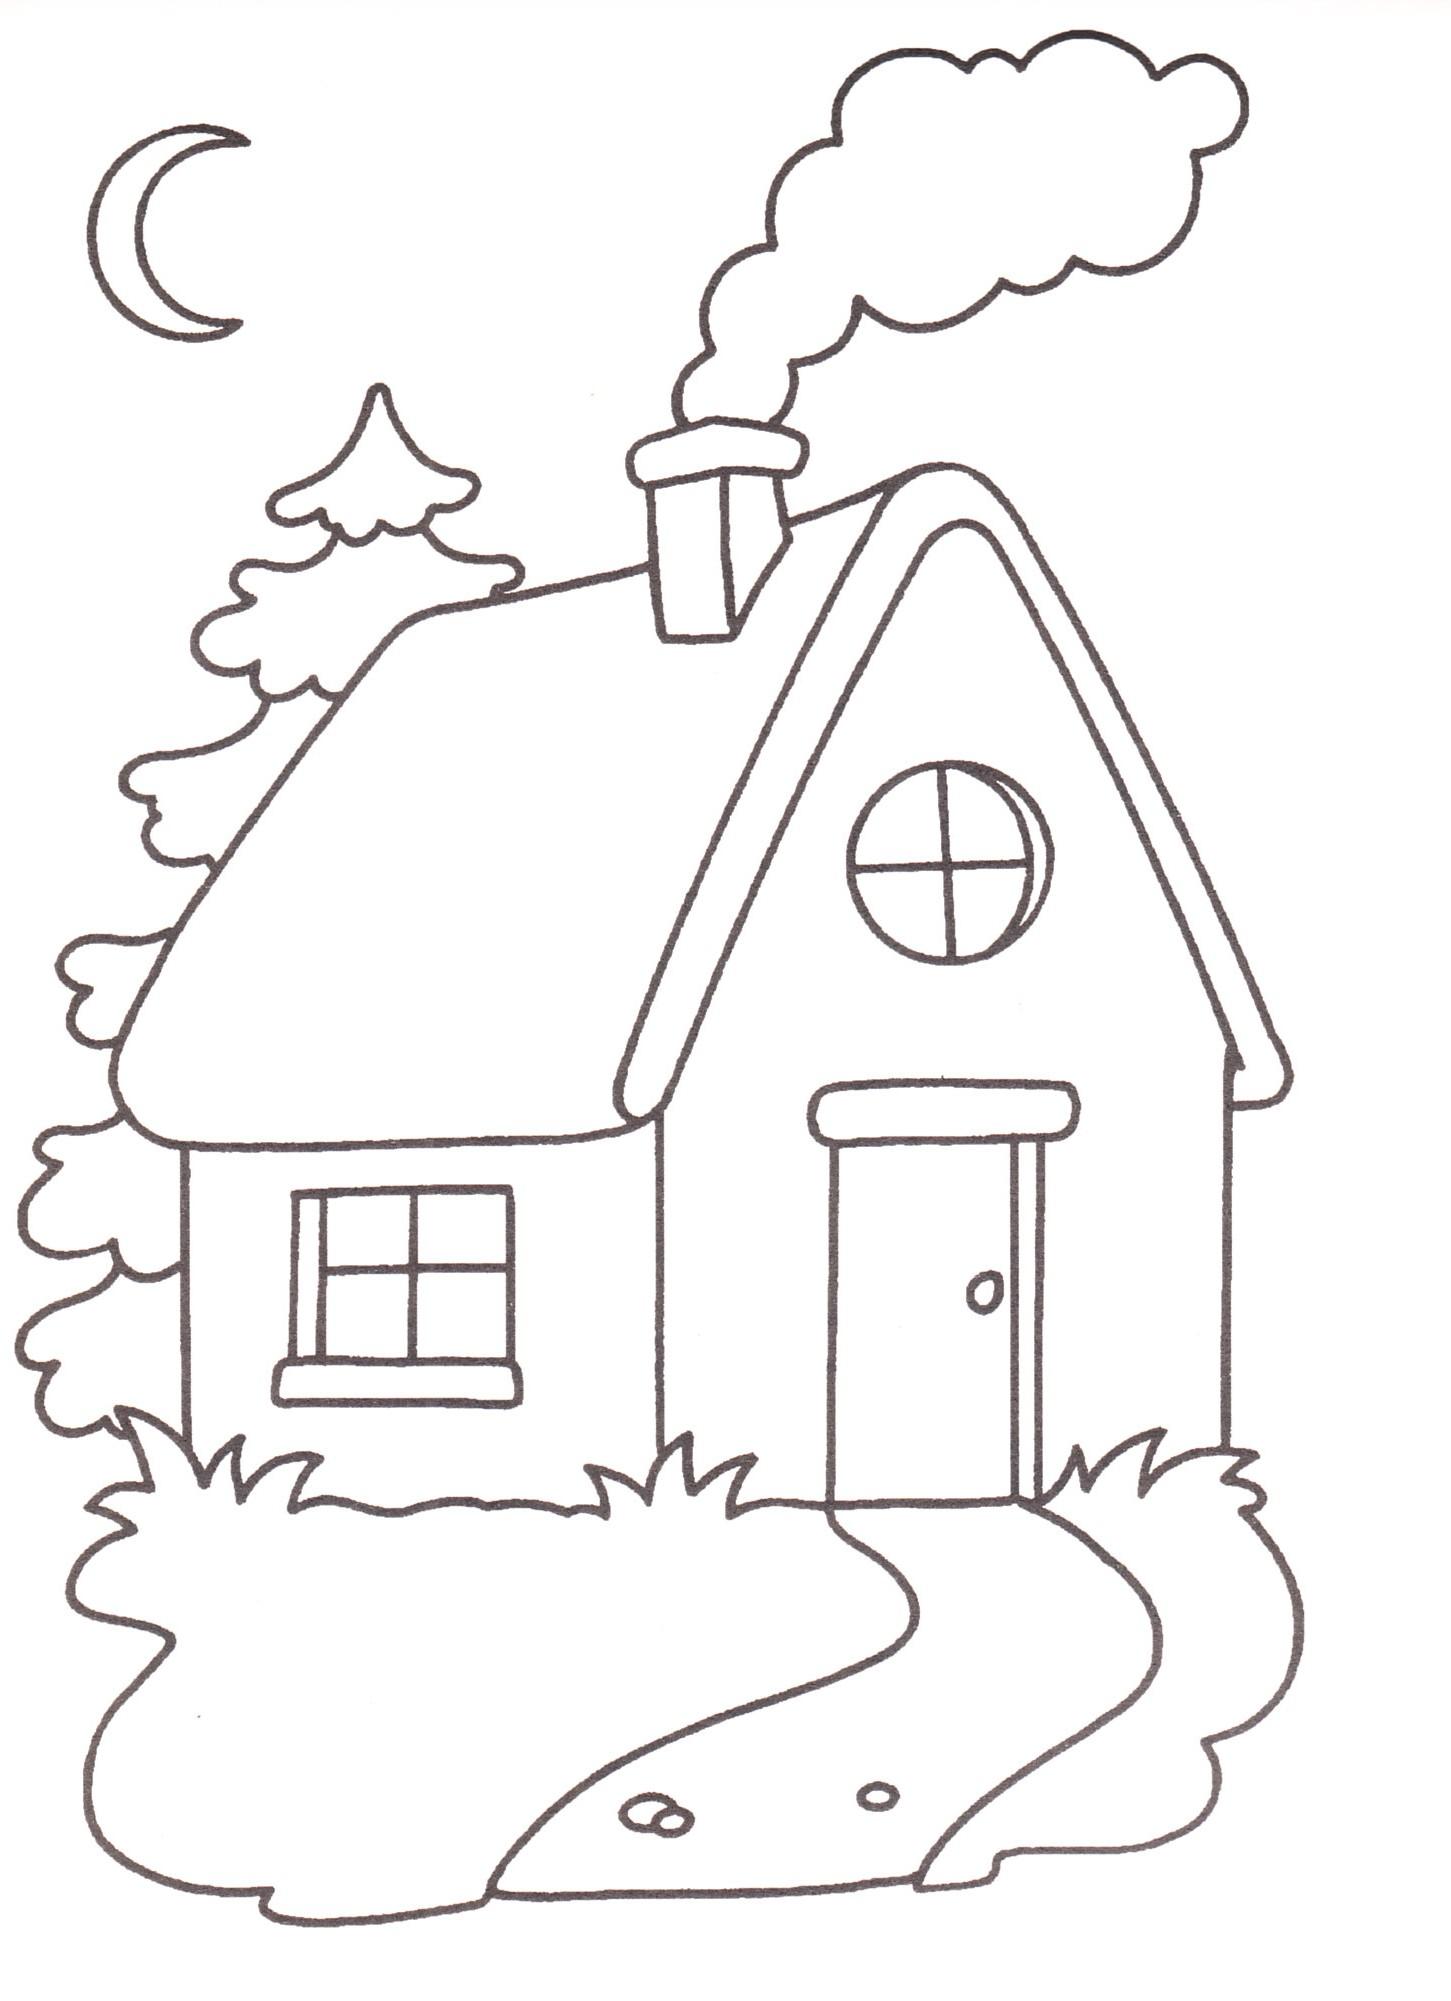 Vacanze con i bambini disegni da stampare e colorare for Disegni e prezzi della casa